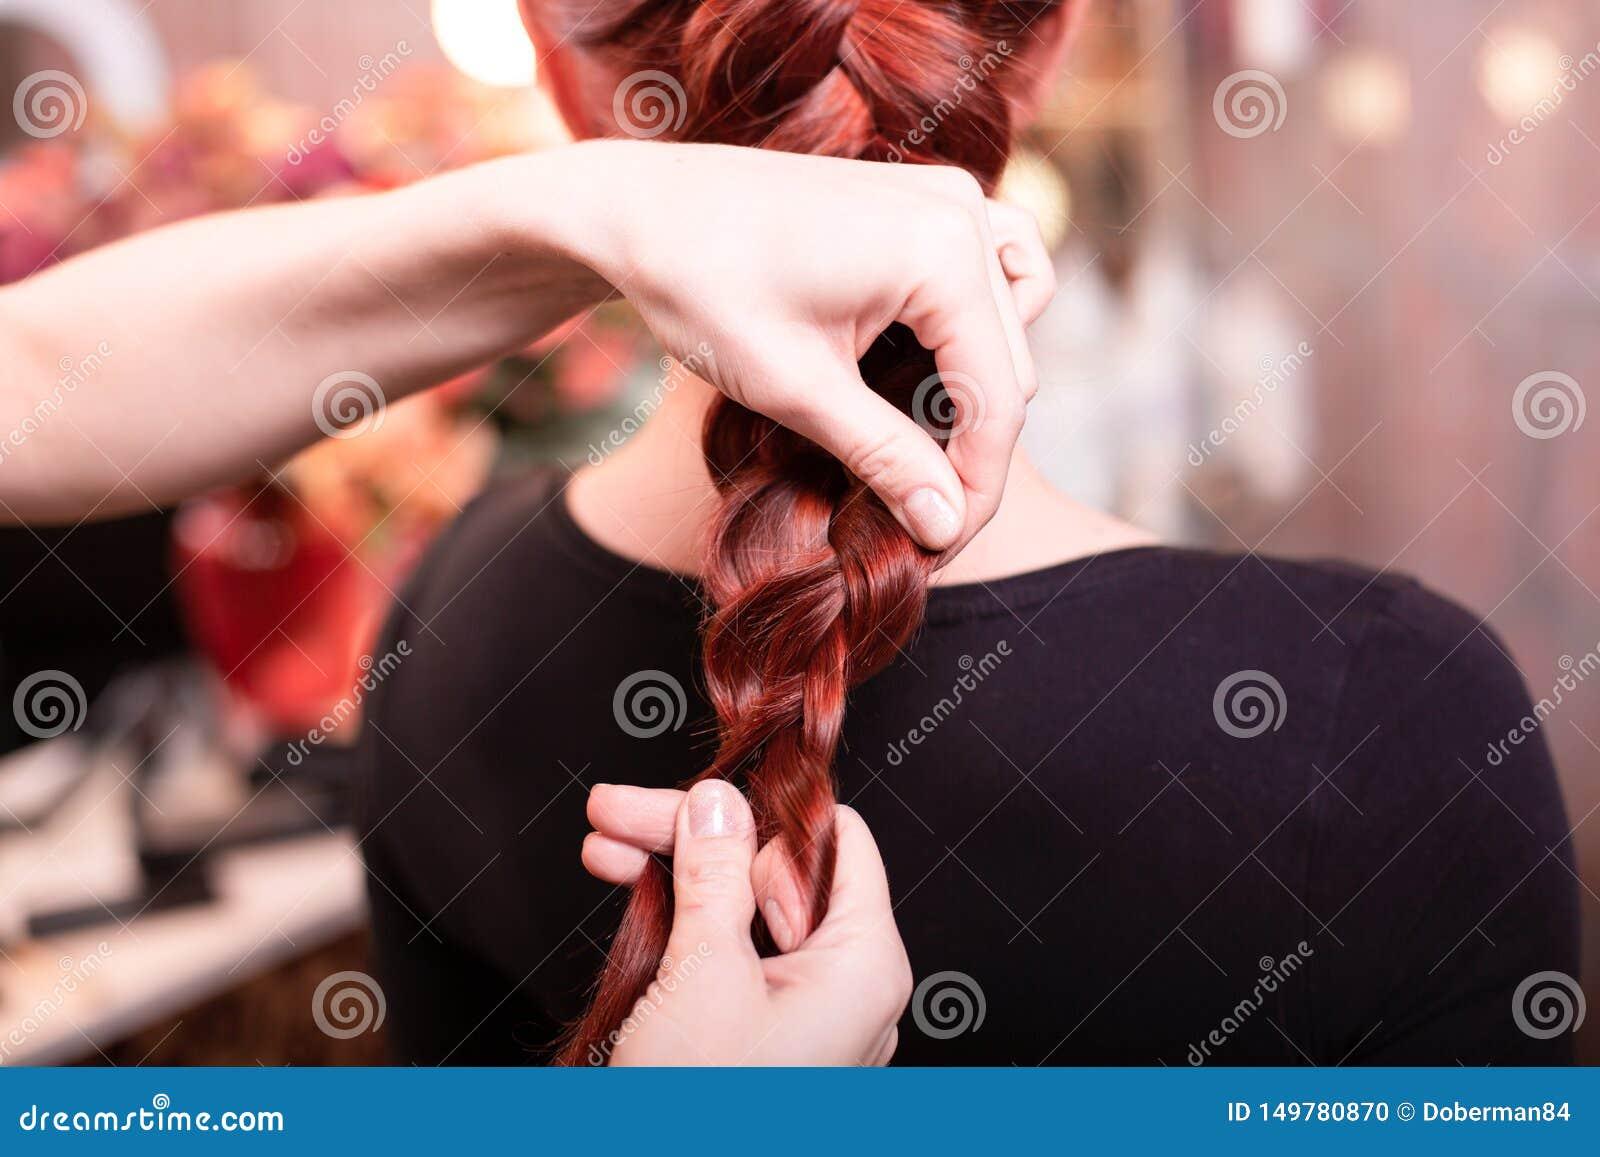 有长发的美丽,红发女孩,美发师编织法国辫子,在发廊 专业护发